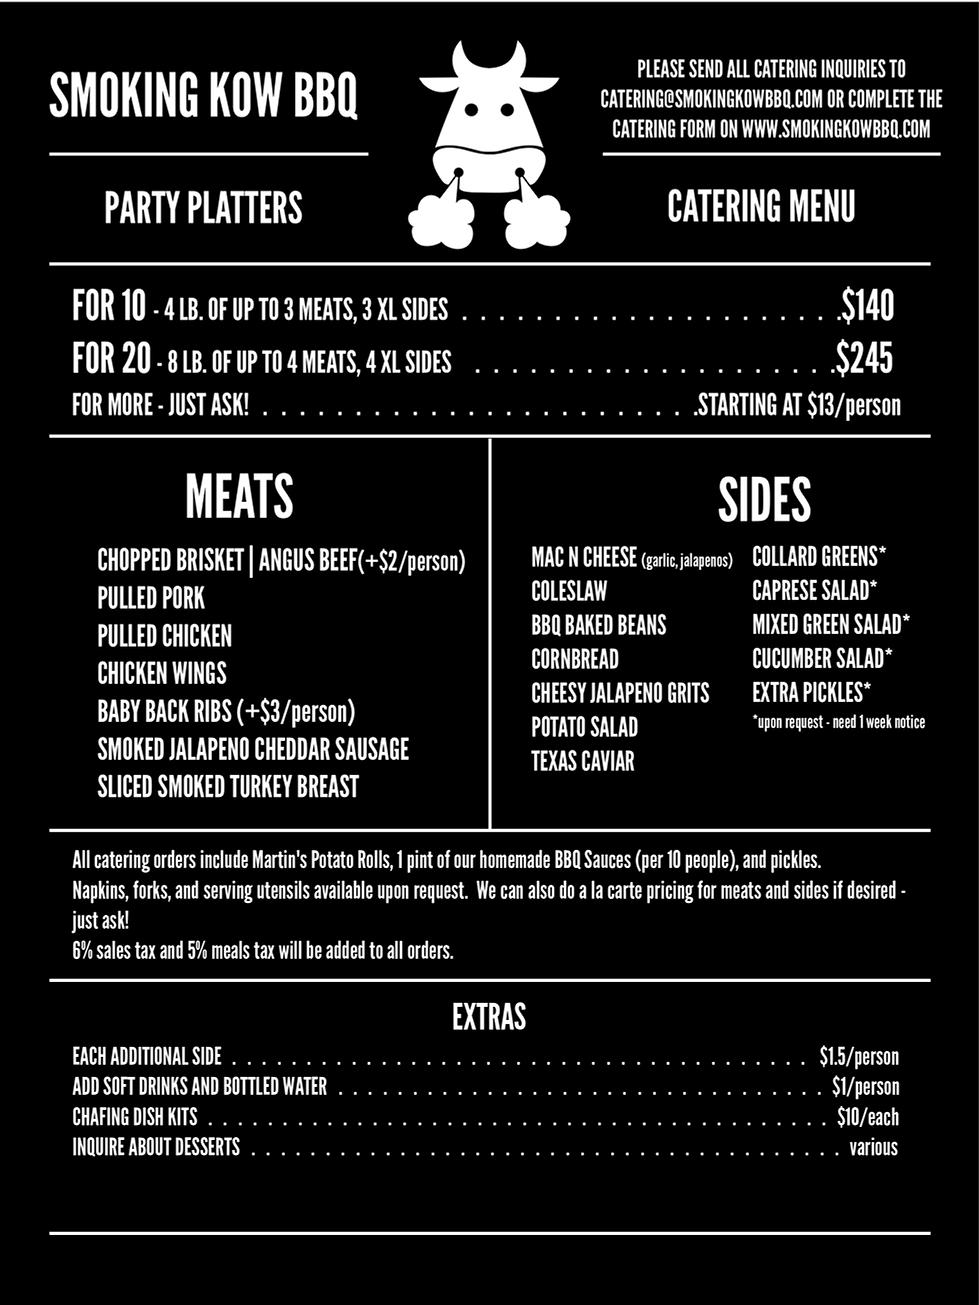 Catering menu 6-7-21.png